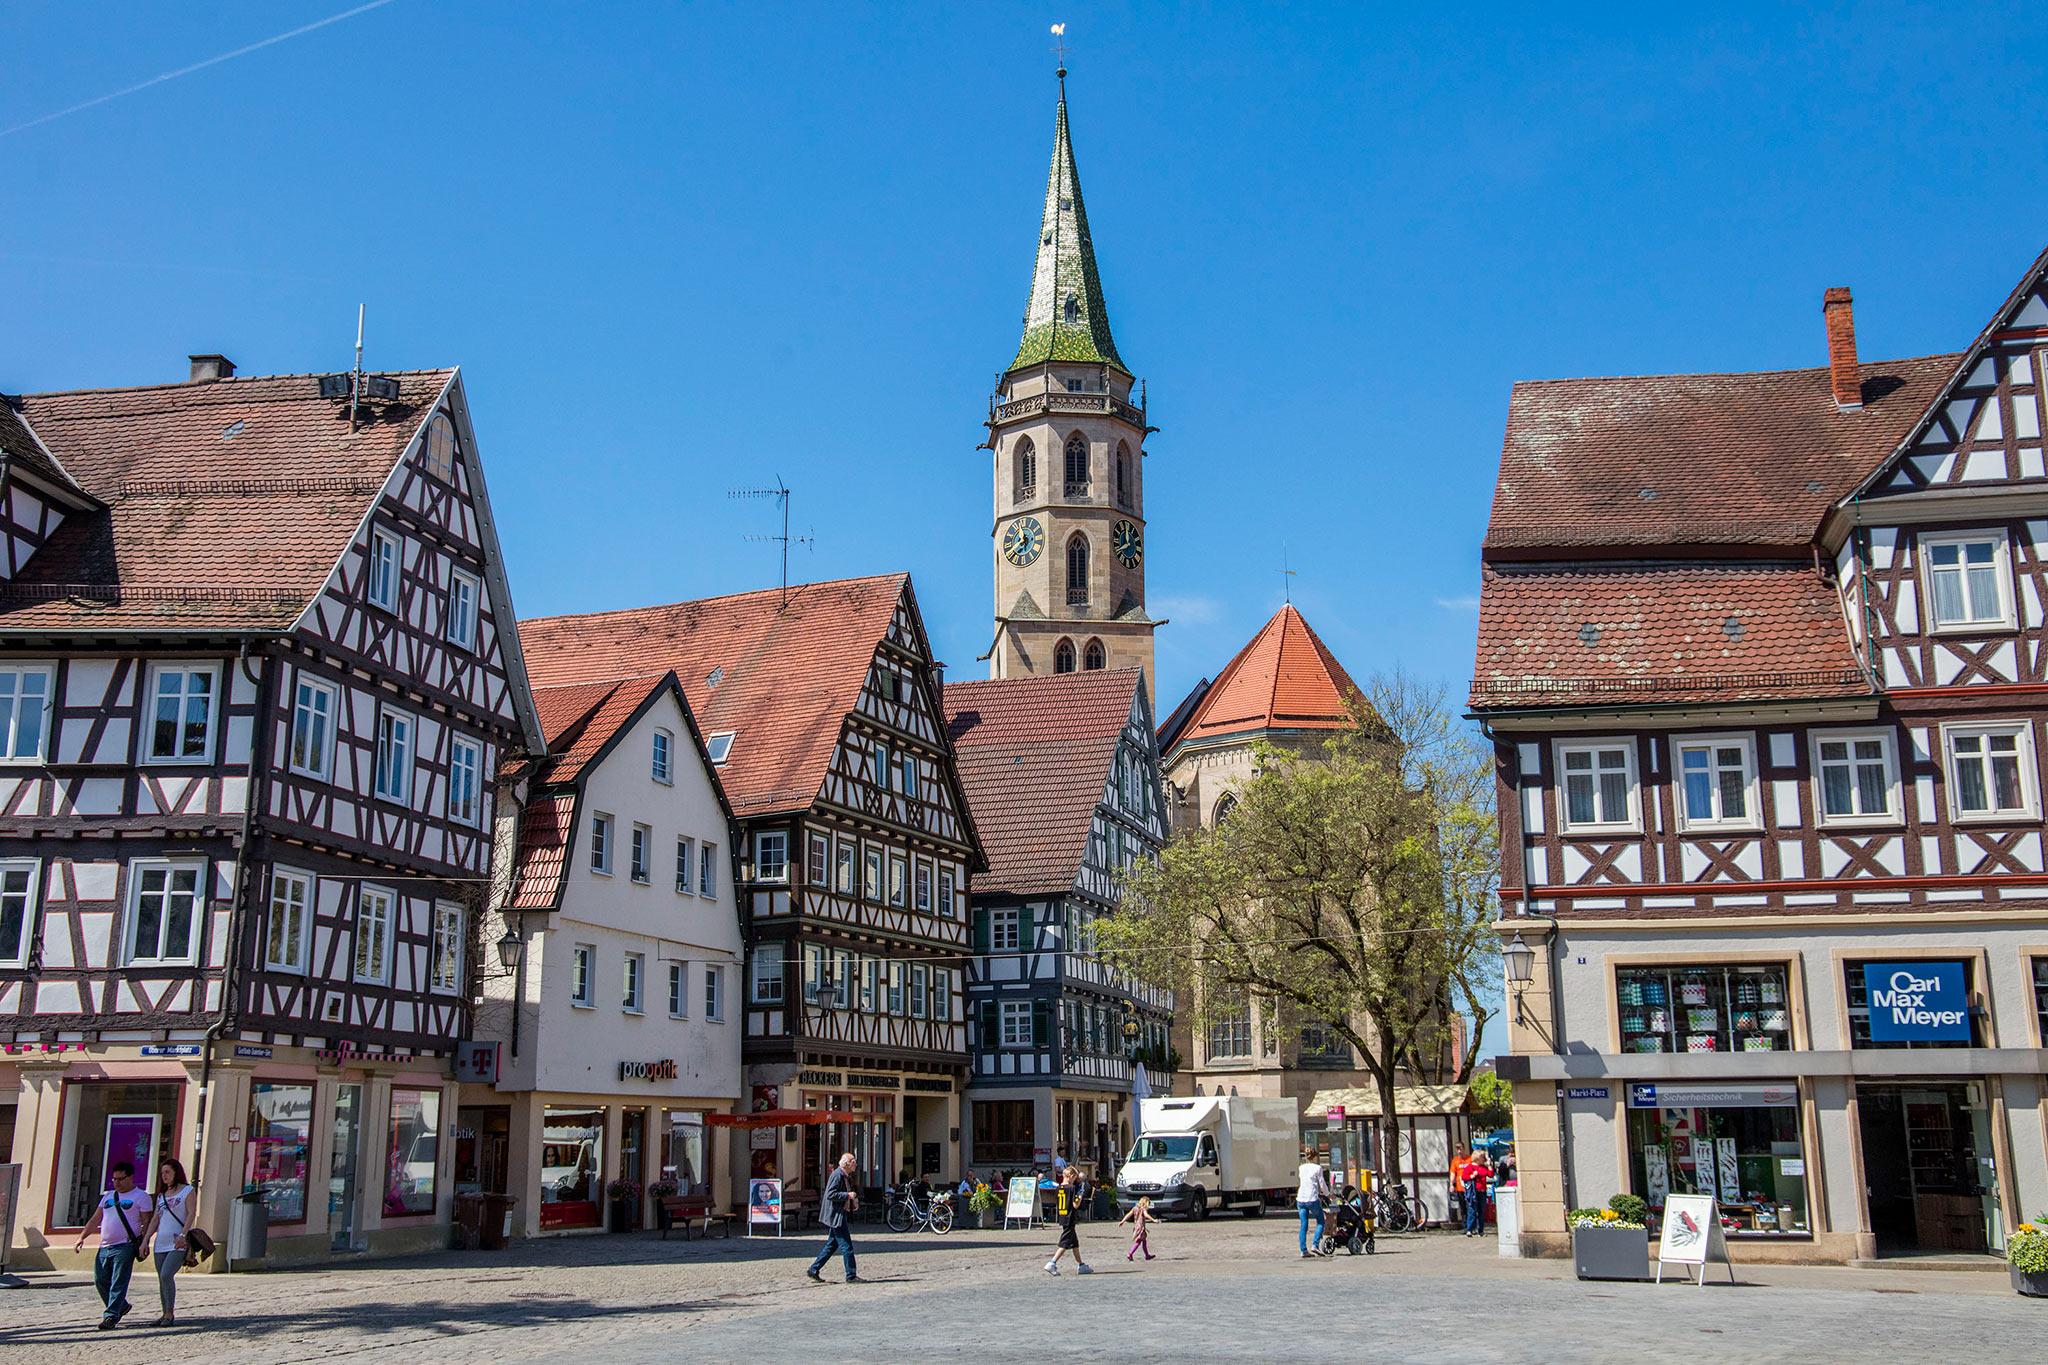 Blick auf den Schorndorfer Marktplatz in Richtung Stadtkirche